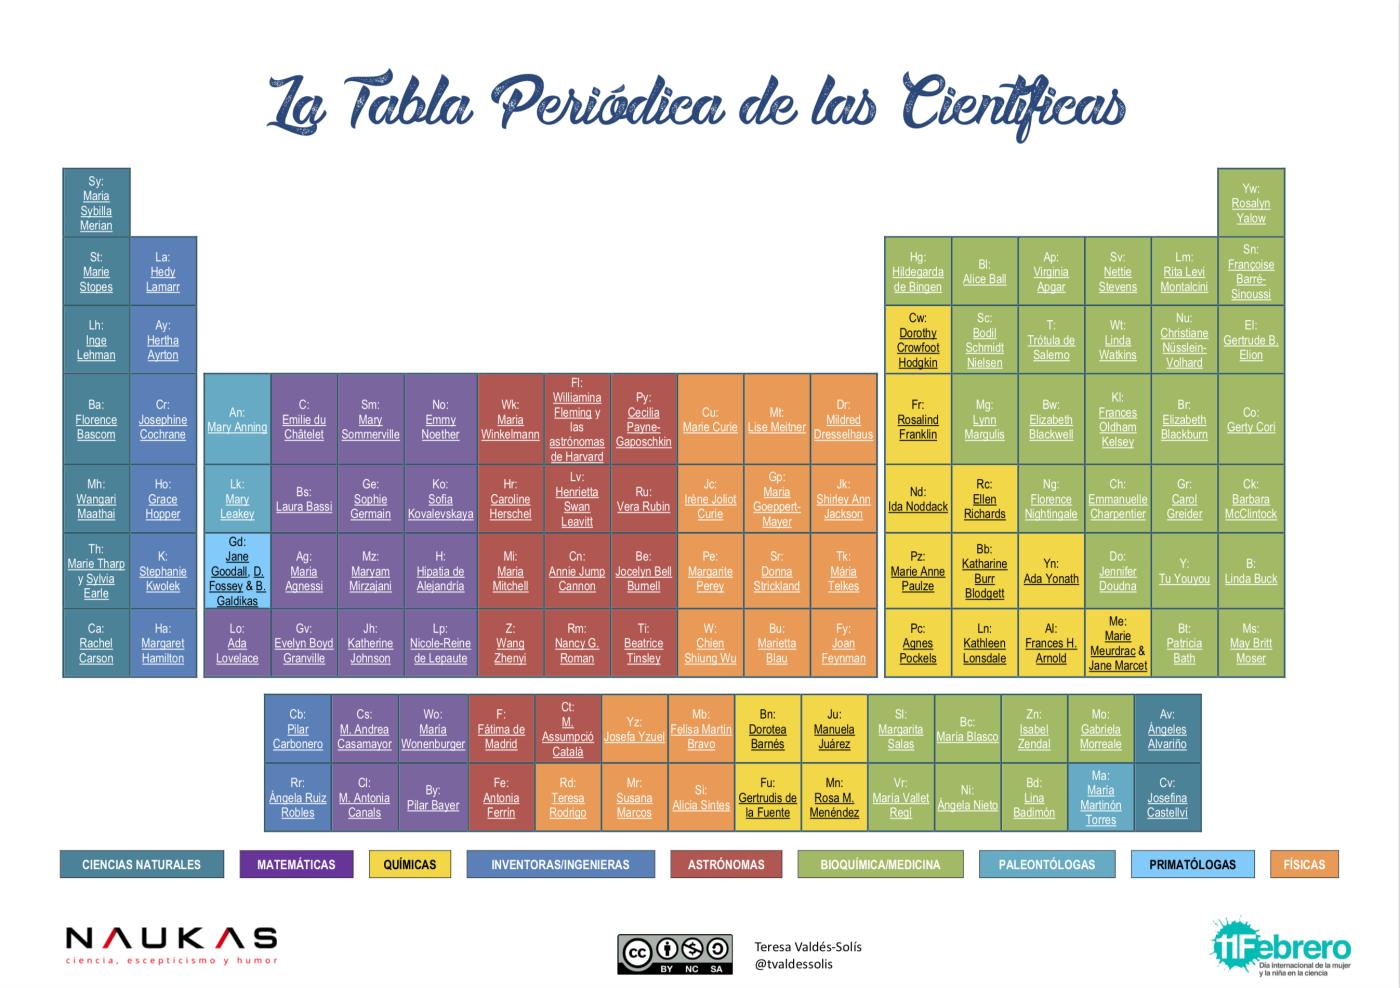 https://www.io.csic.es/wp-content/uploads/2019/02/tabla-periodica-cientificas2019.png